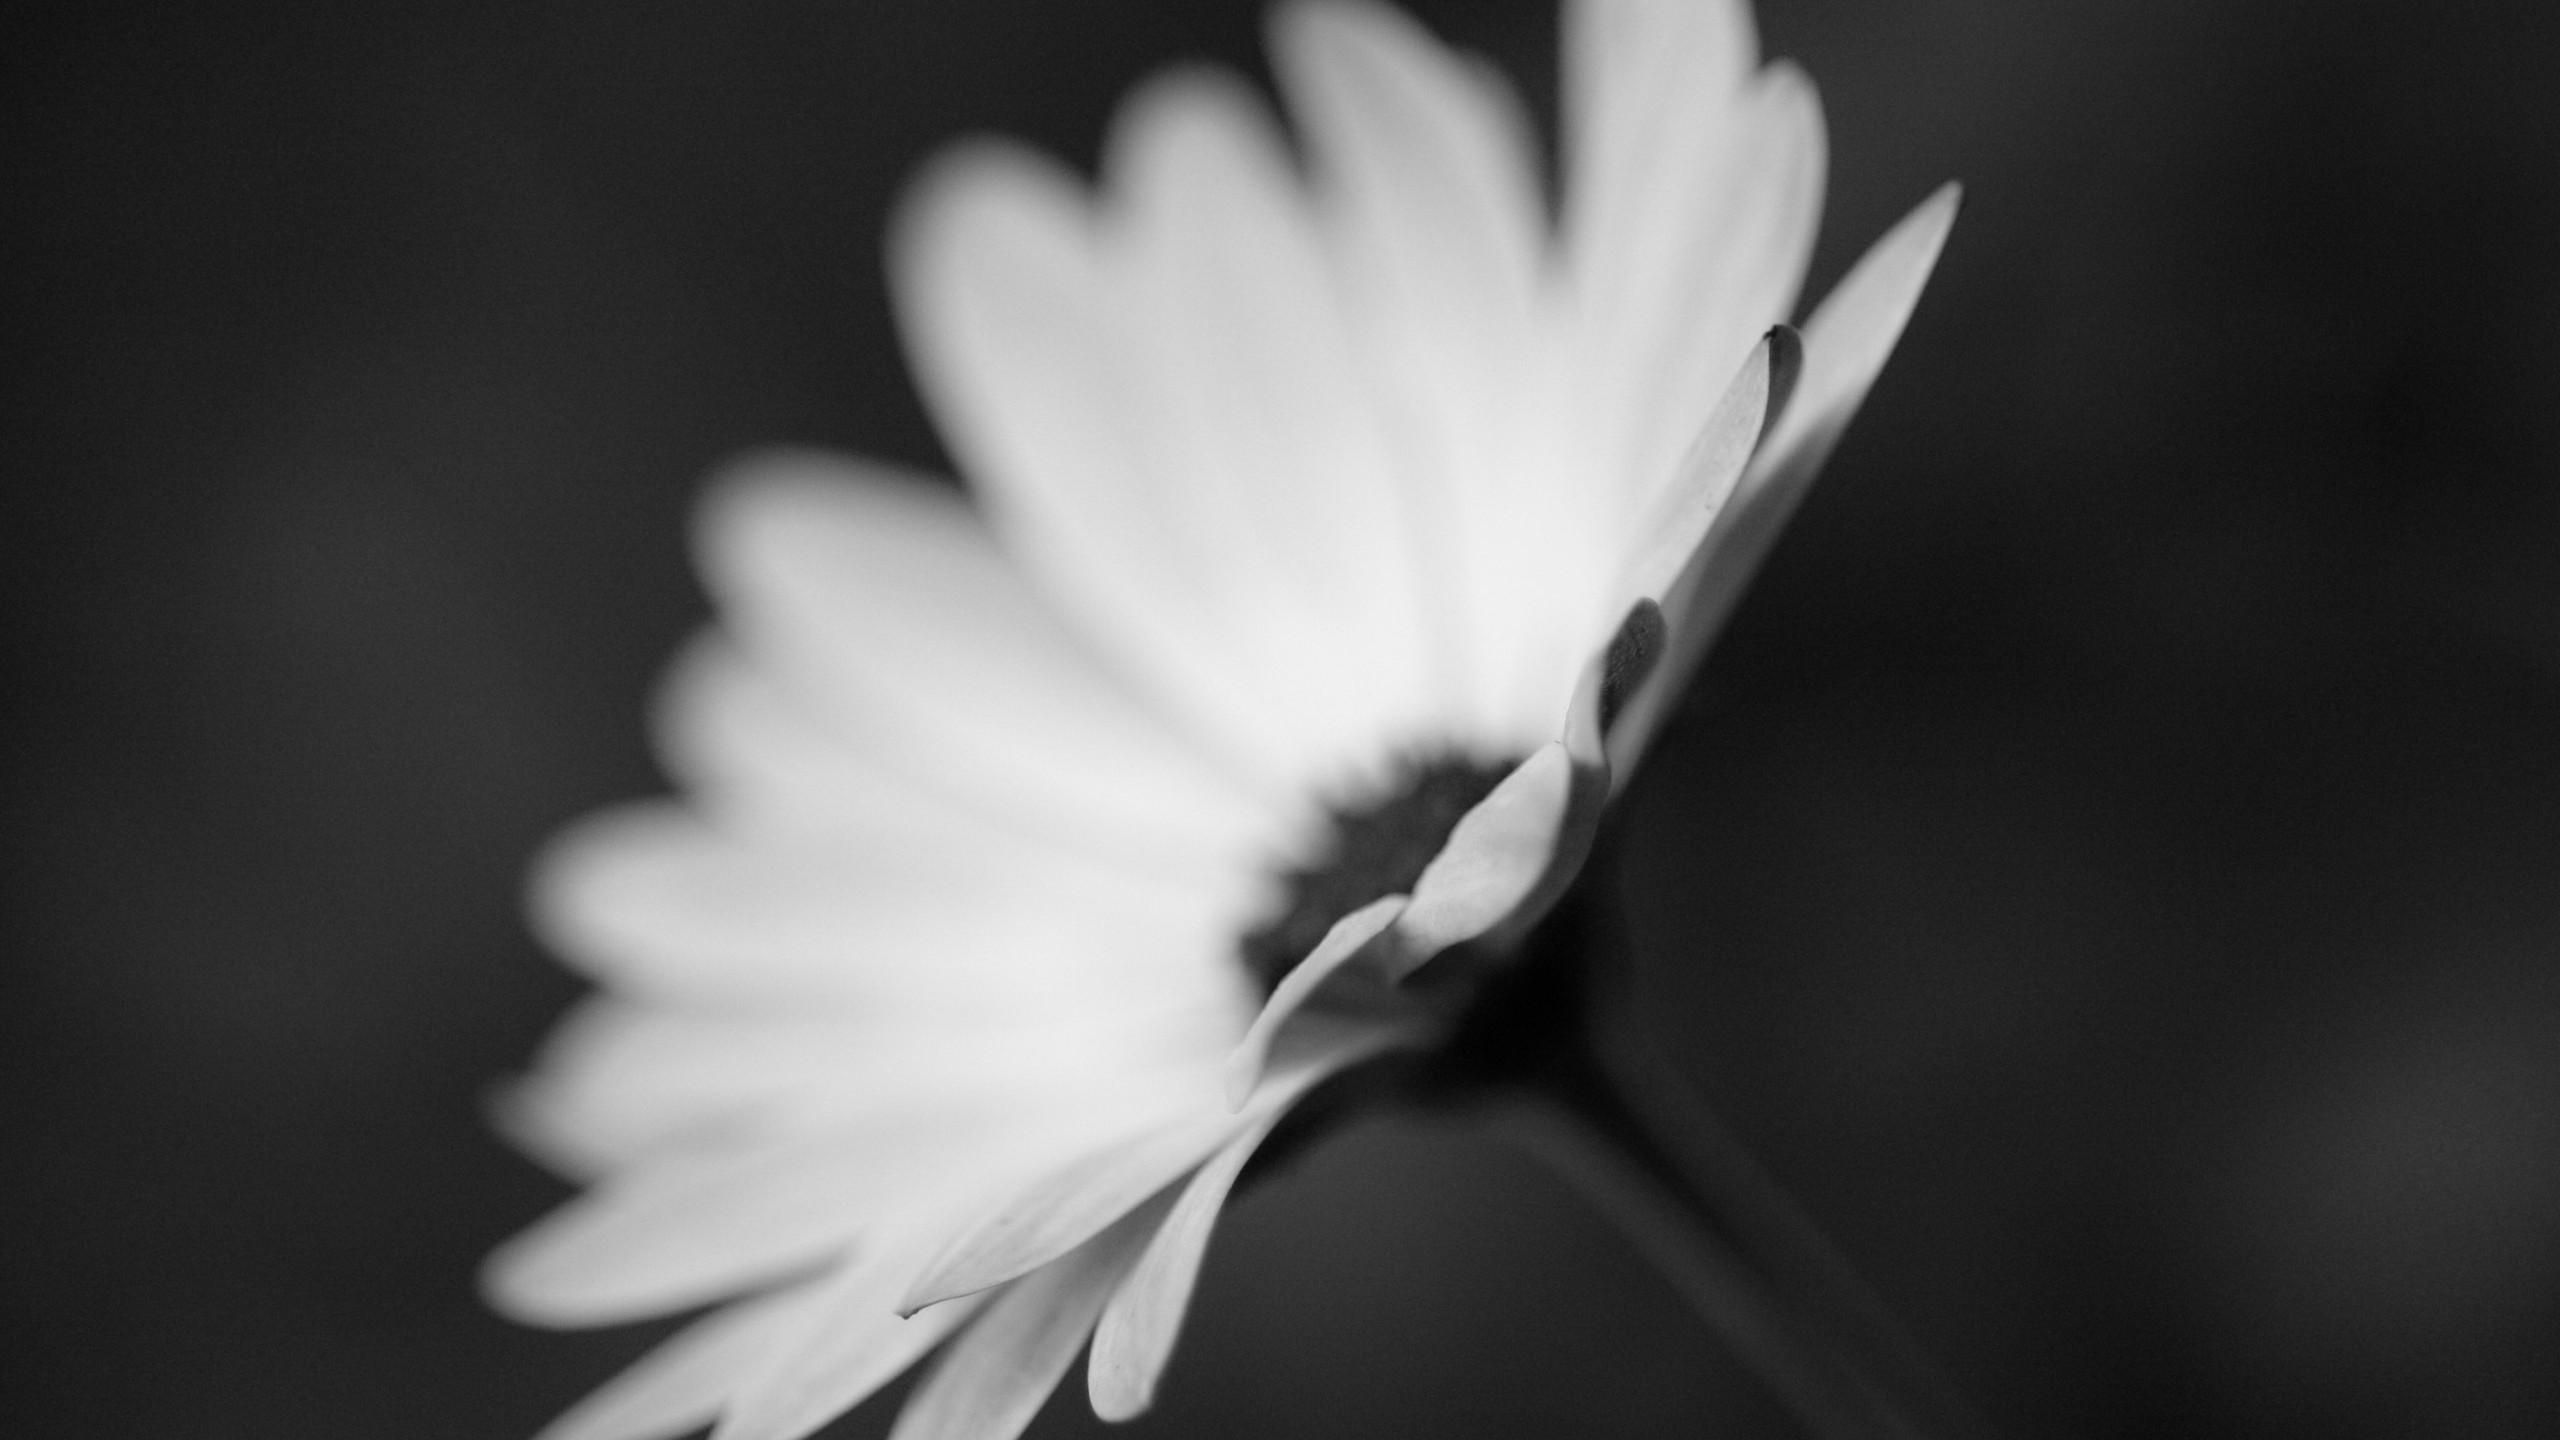 цветы на столе картинки черно-белые мире, где живет